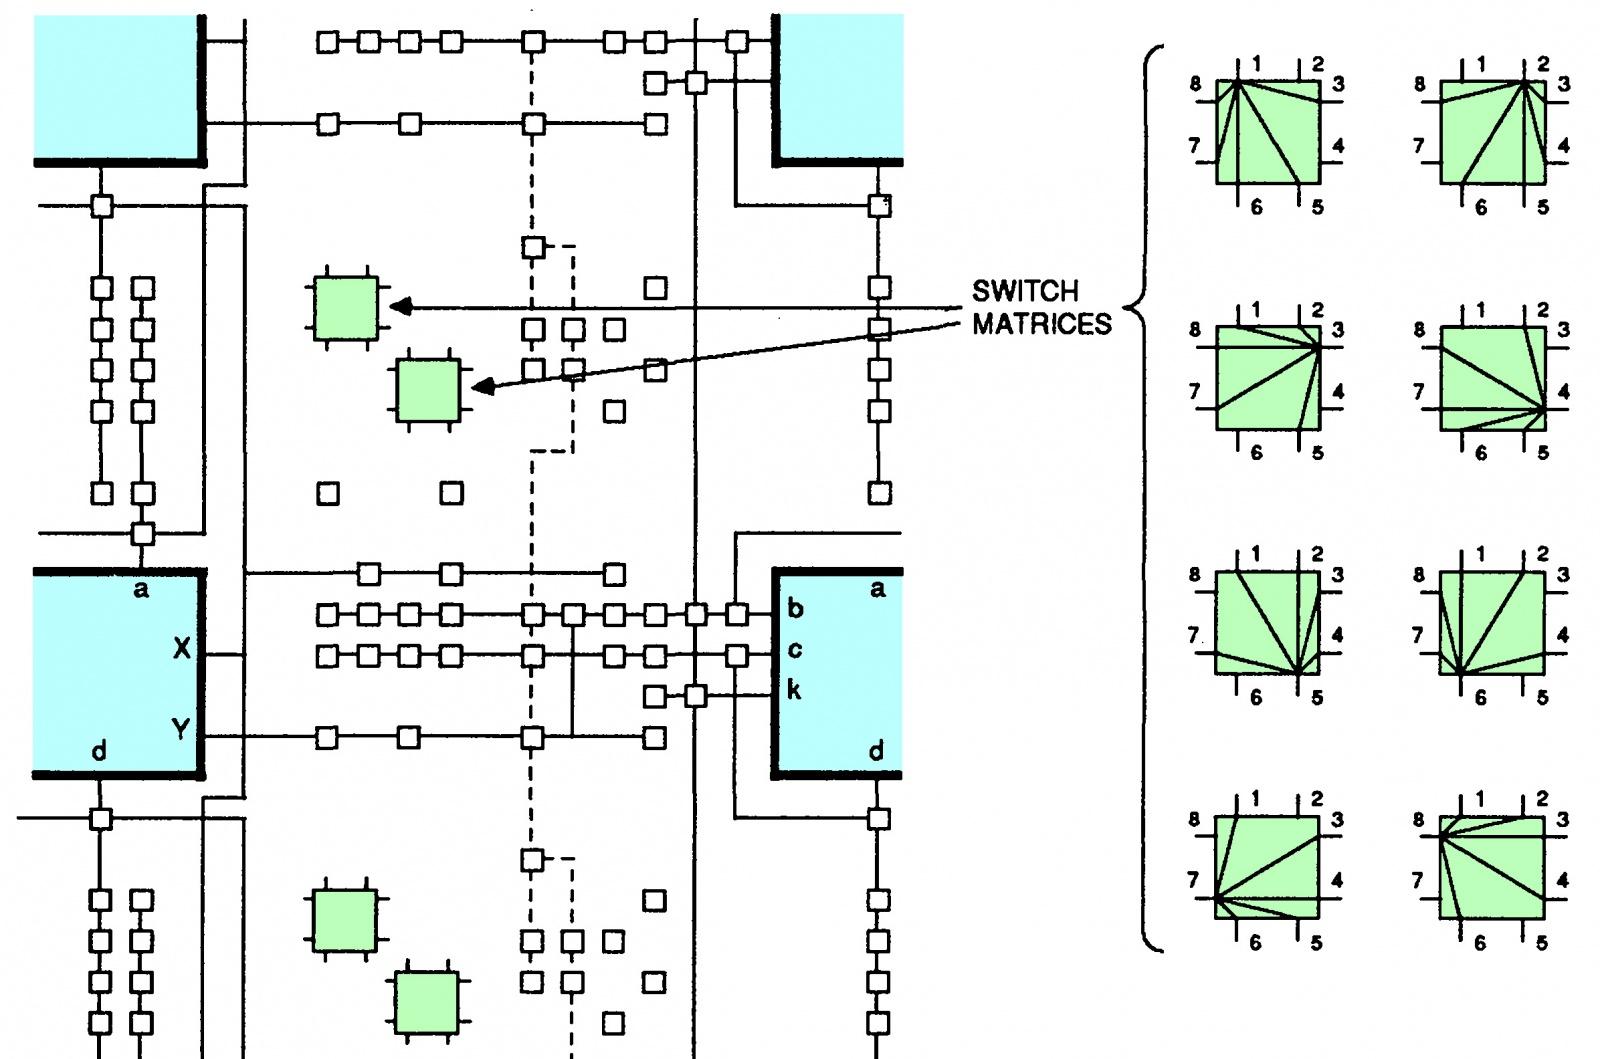 Обратная разработка XC2064 — первой микросхемы FPGA - 26